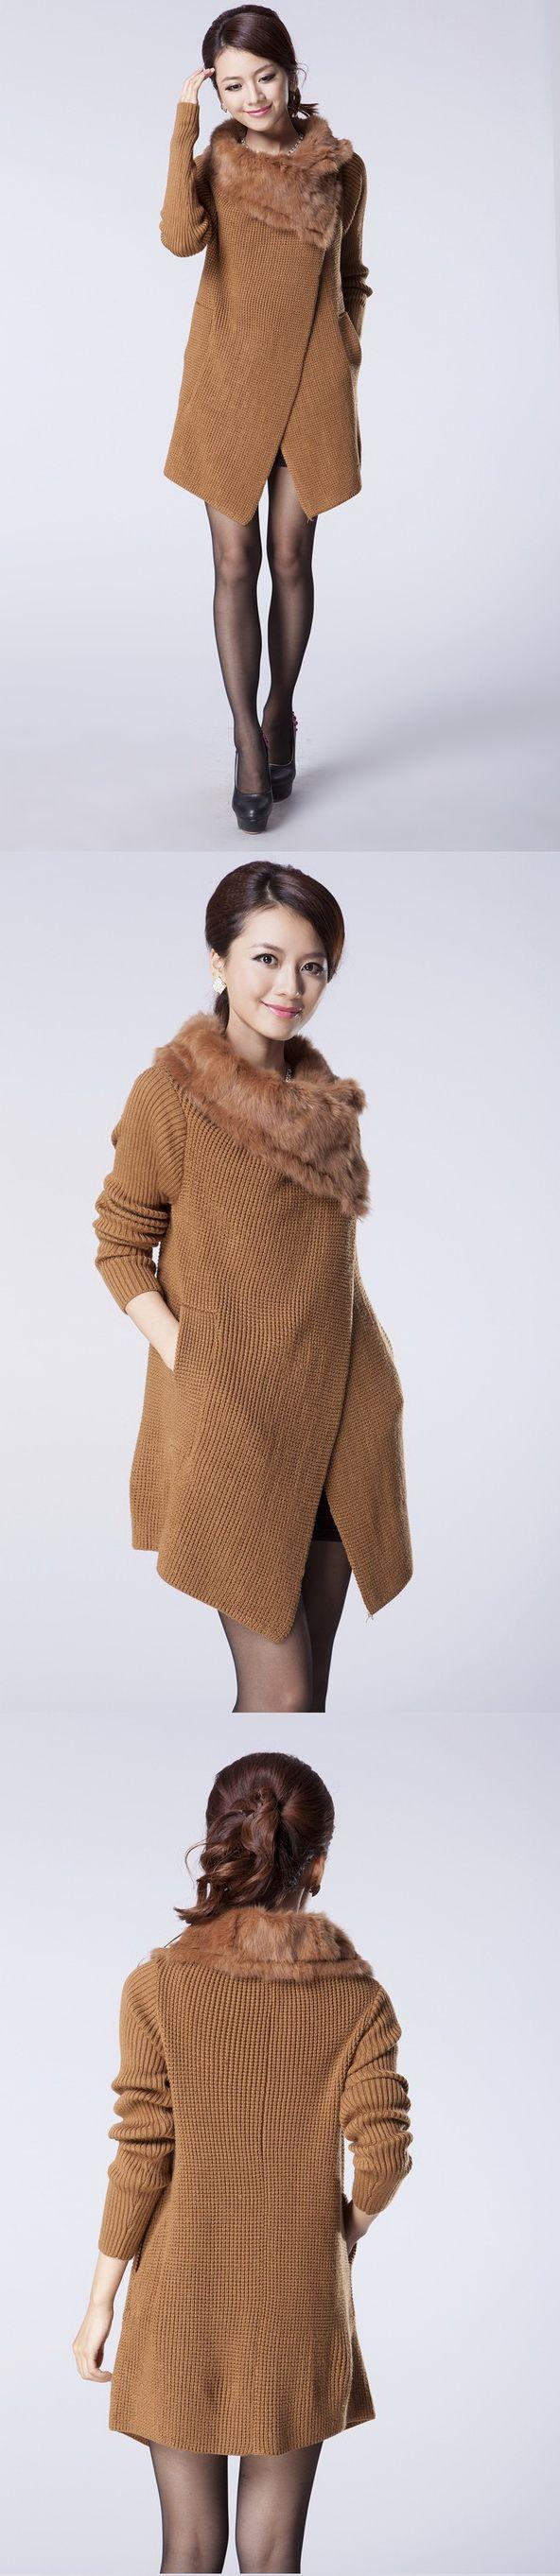 เสื้อกันหนาวพร้อมส่ง : โค้ทนิตต์ป้ายข้างปก fur ขนกระต่าย